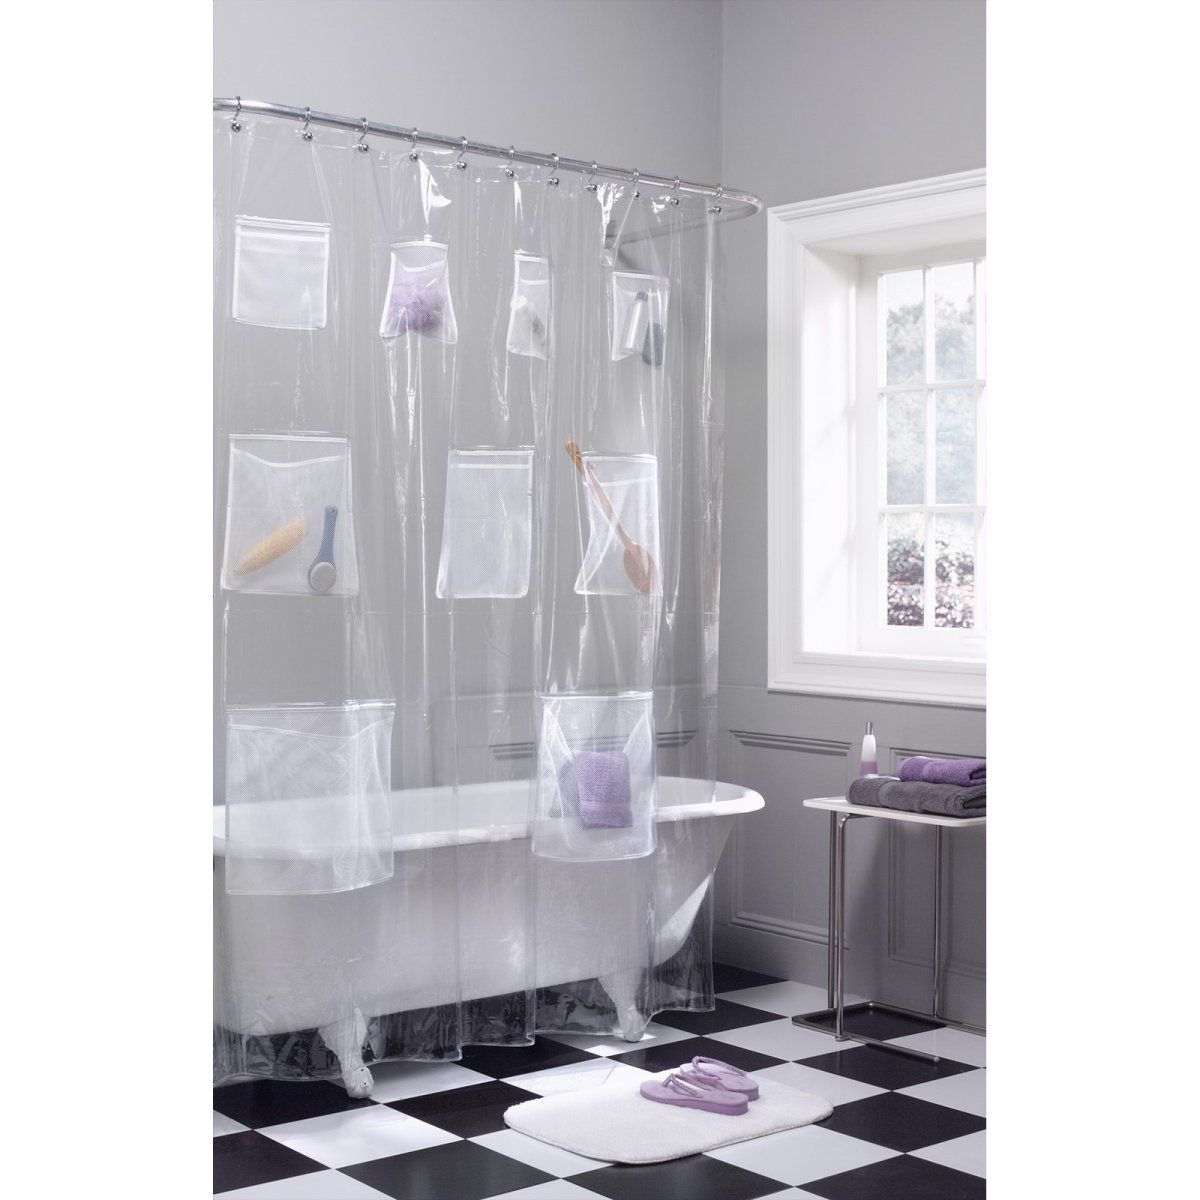 Maytex mills mesh pockets peva vinyl shower curtain immense